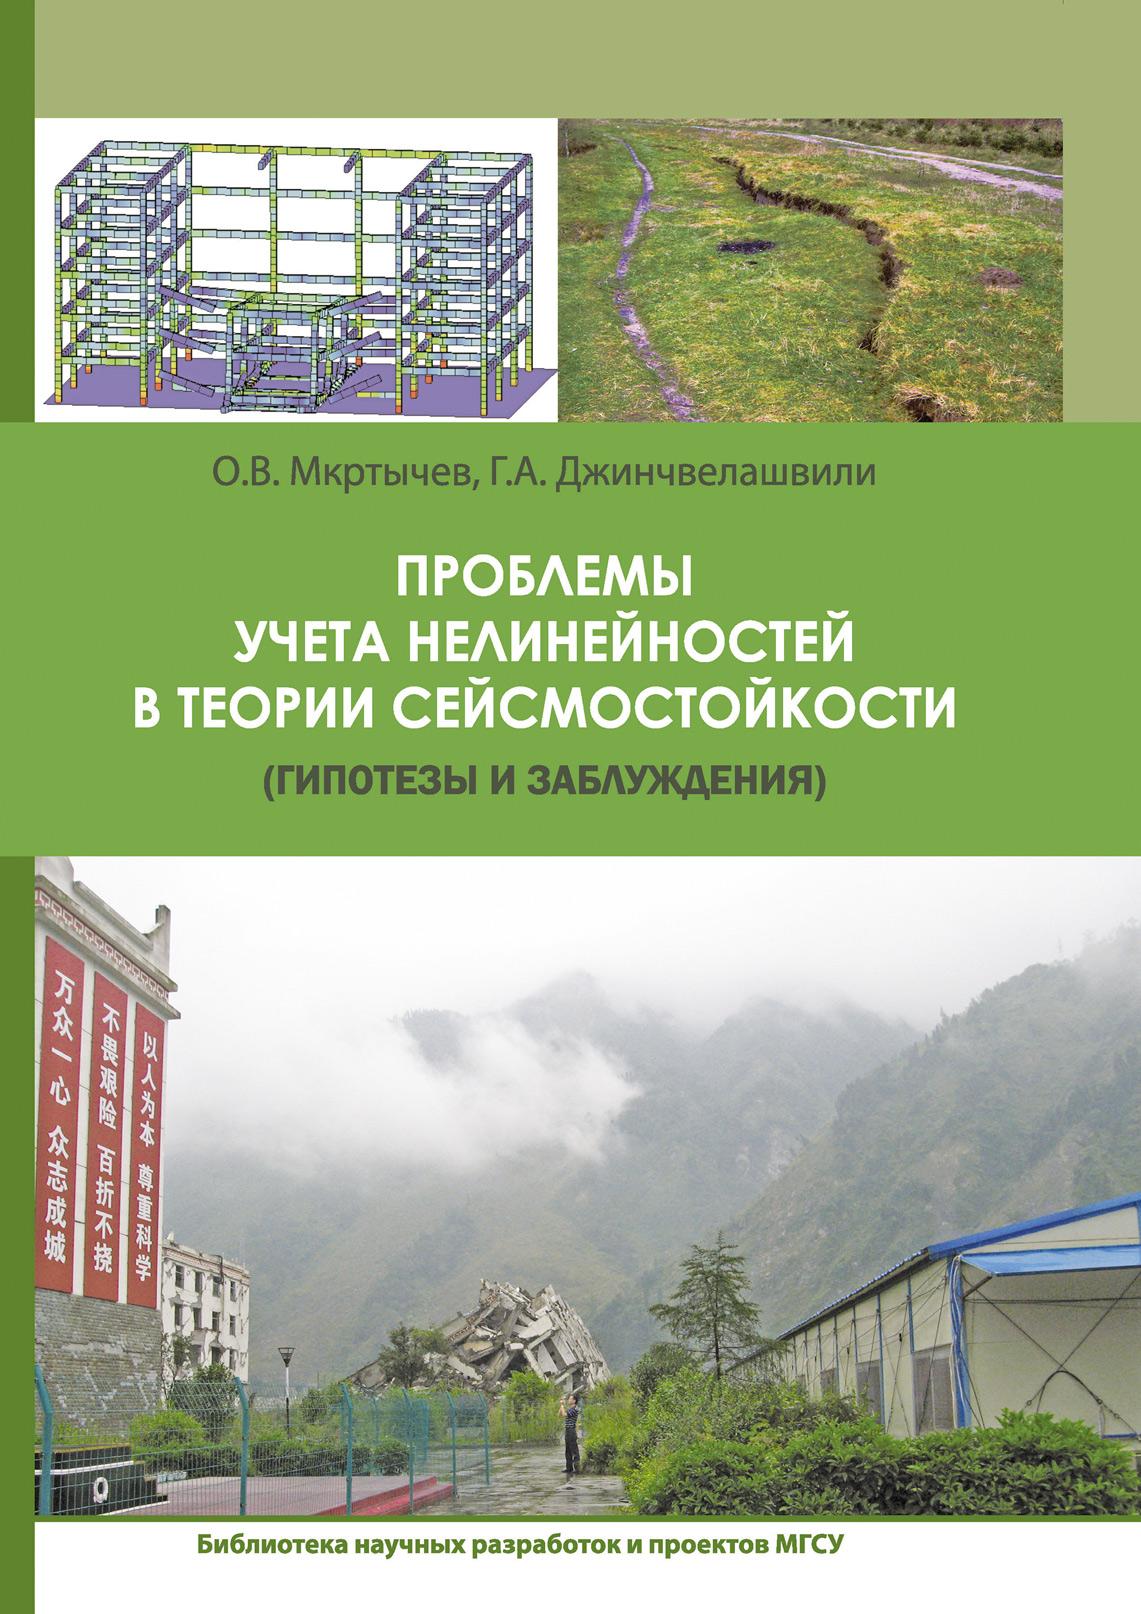 О. В. Мкртычев Проблемы учета нелинейности в теории сейсмостойкости (гипотезы и заблуждения)